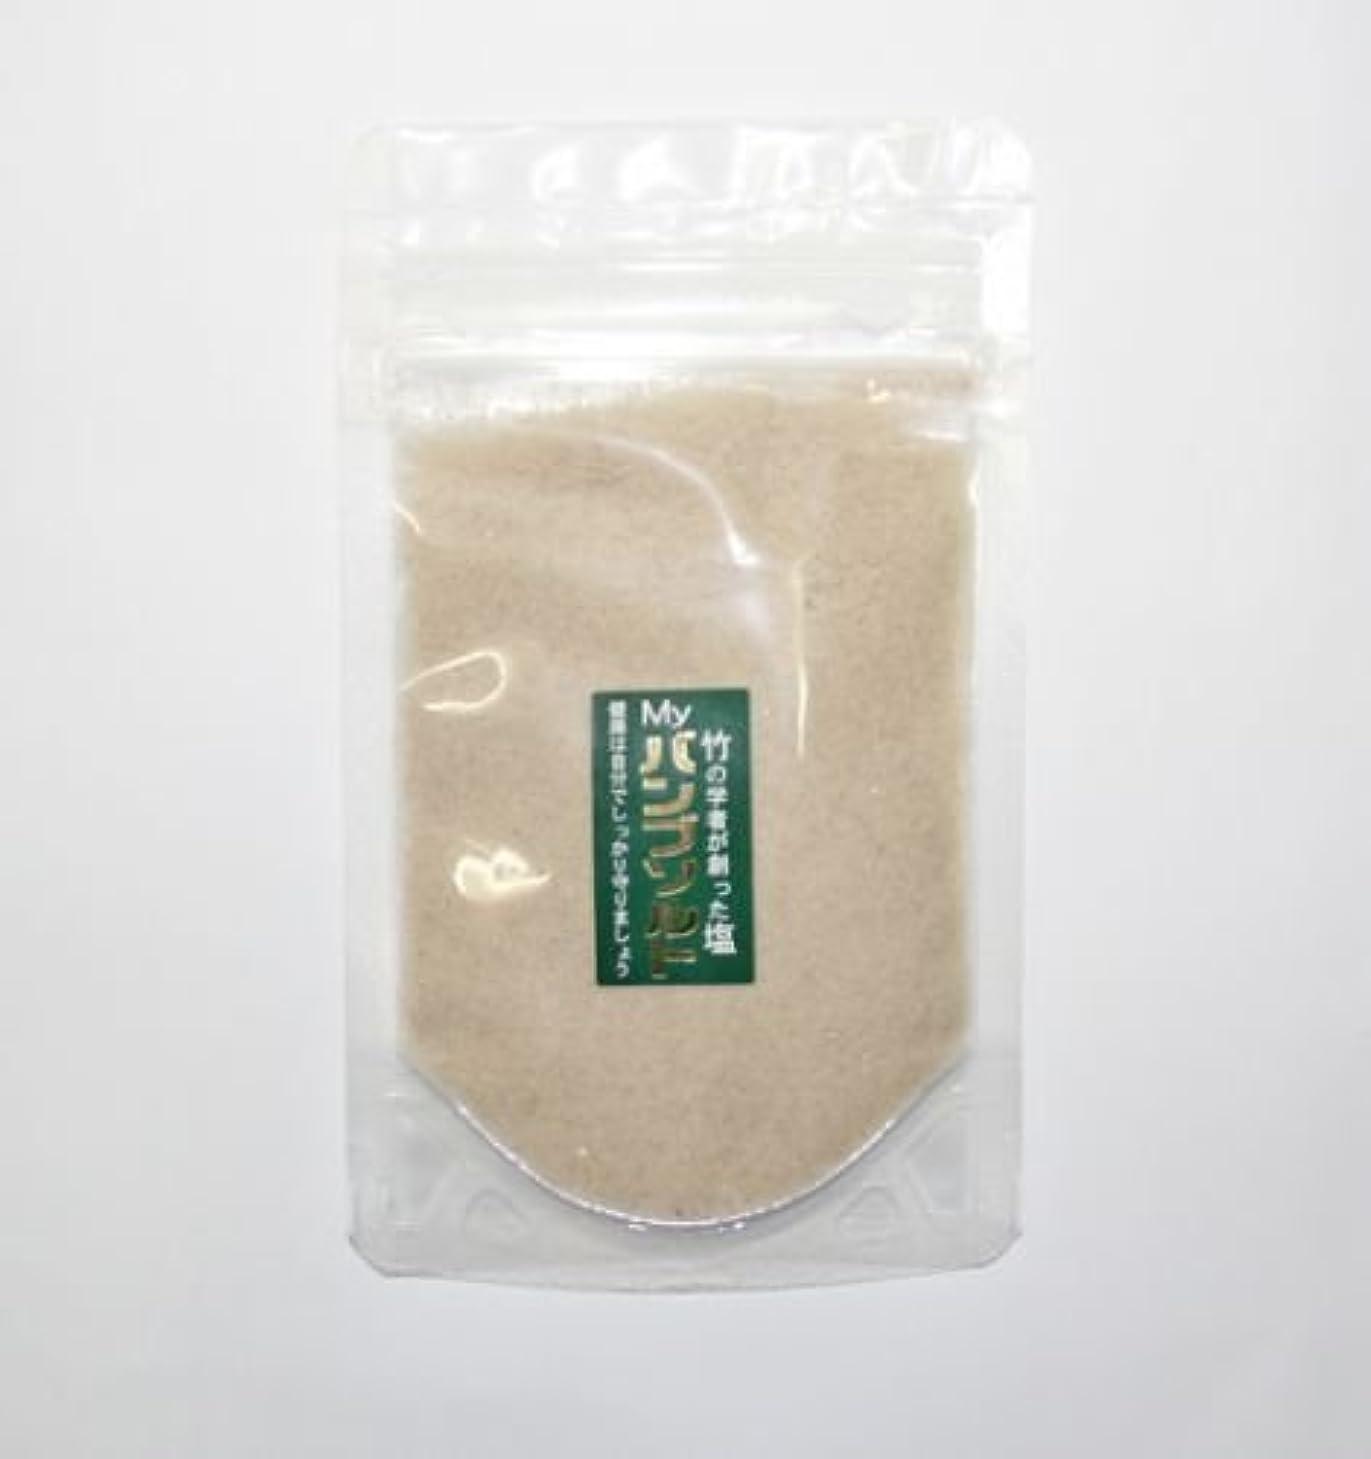 バーマド定常驚かすバンブソルト詰め替え用(内容量:50g)